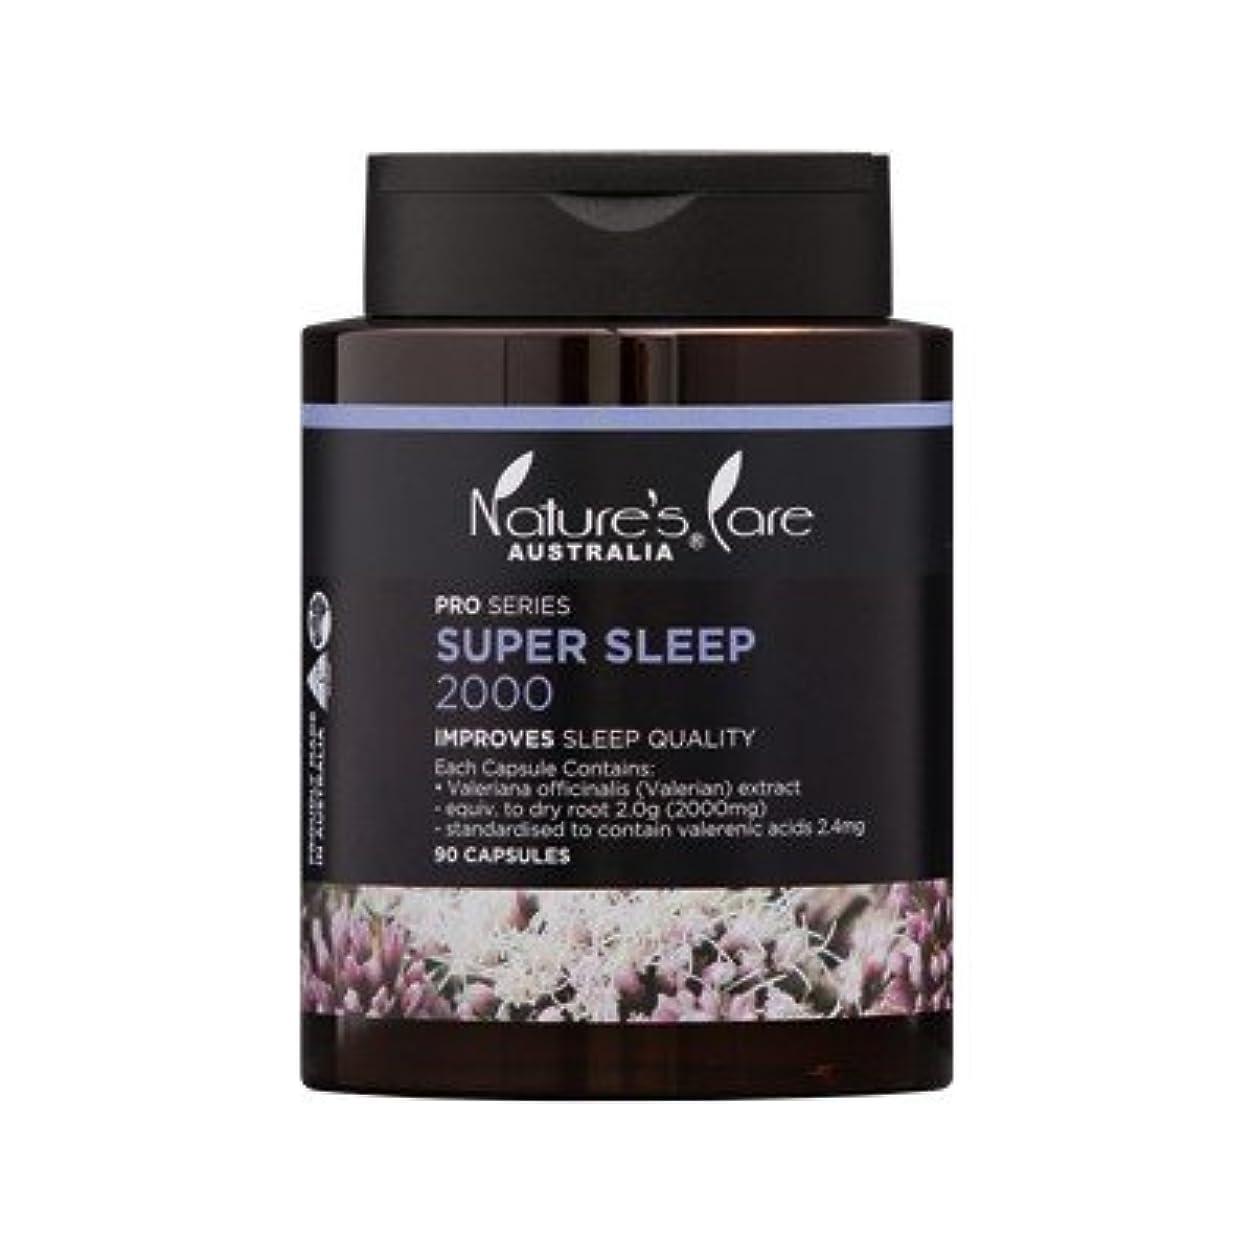 懐疑的のり美容師【Nature's Care】上質な睡眠をサポート☆Super Sleep スーパースリープ 2000mg 90カプセル入